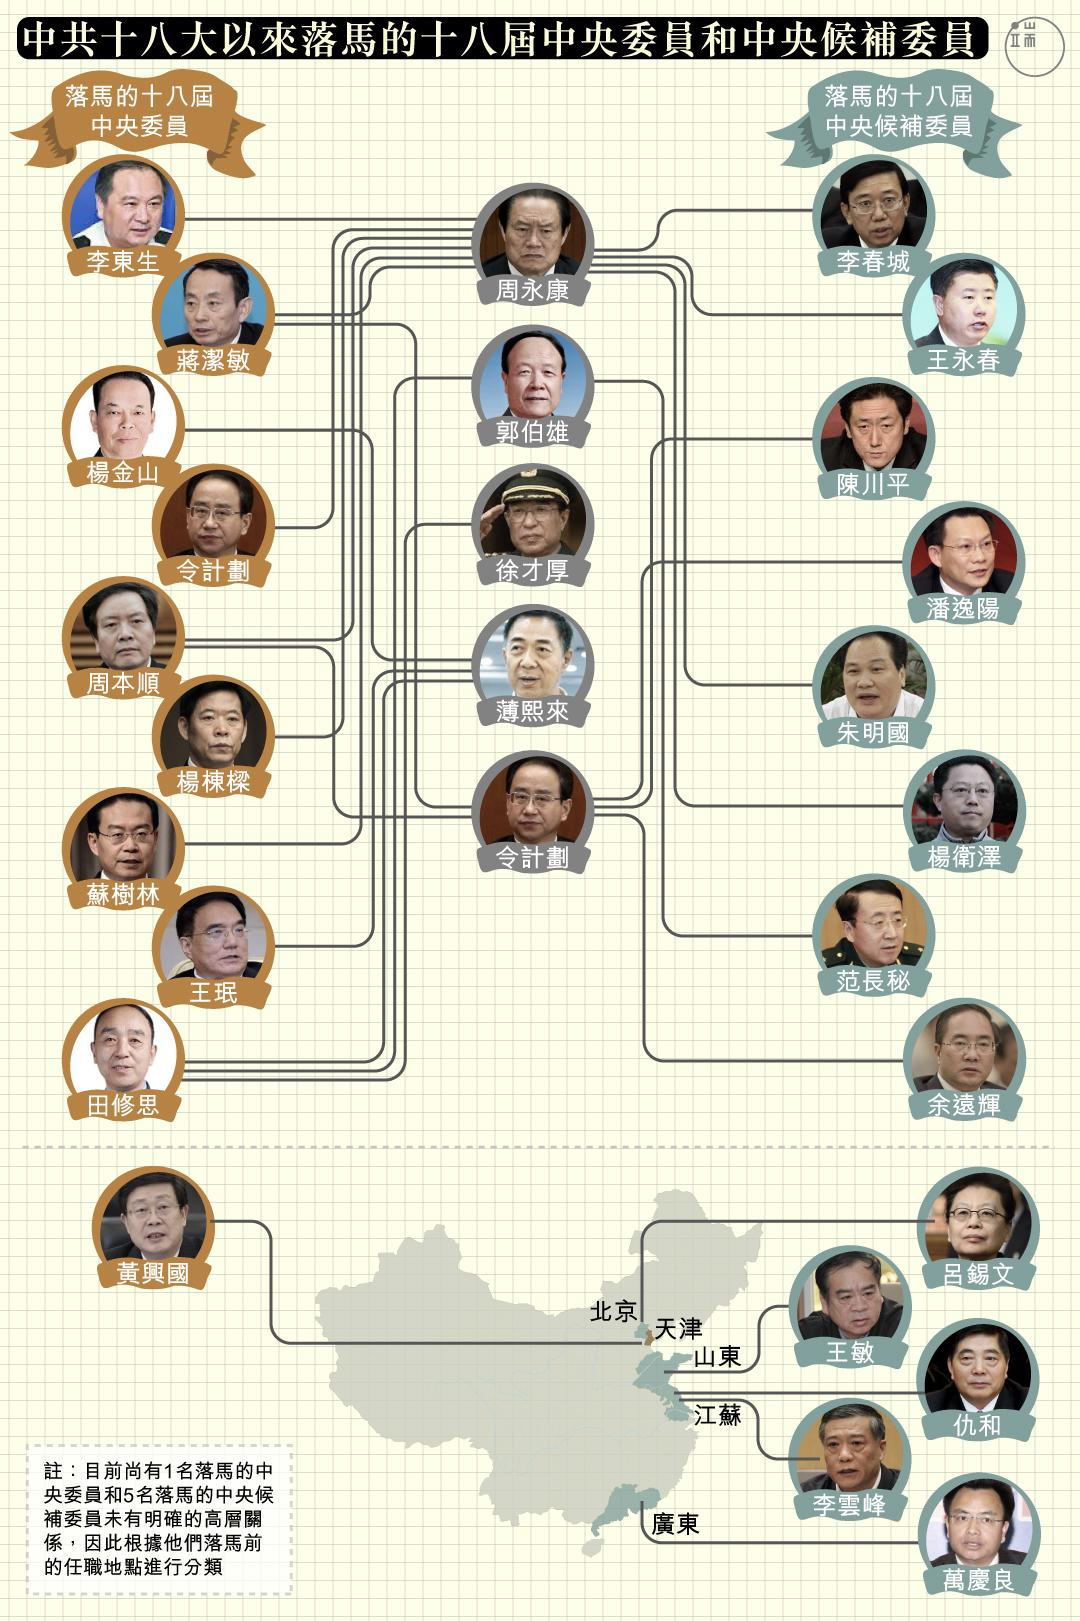 中共十八大以來落馬的十八屆中央委員和中央候補委員